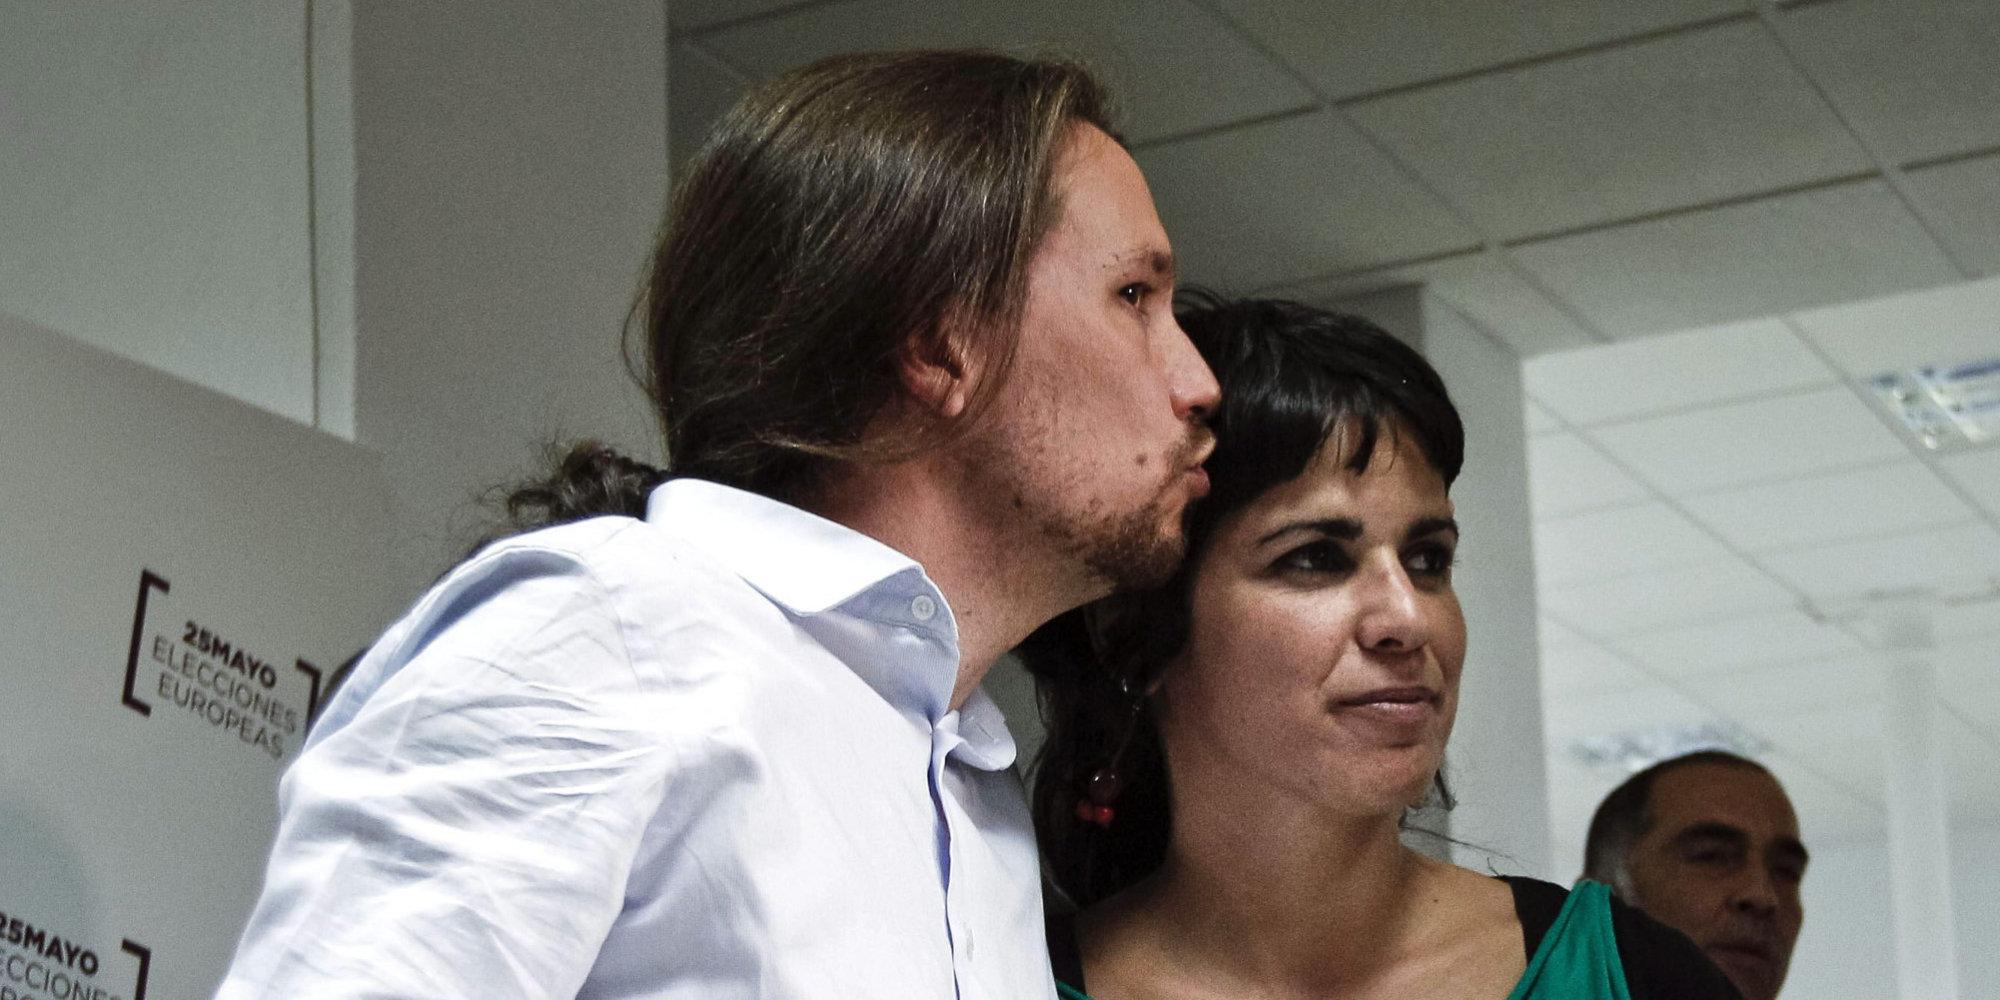 Pablo Iglesias saluda a Teresa Rodríguez en un mitien de Podemos. / EFE